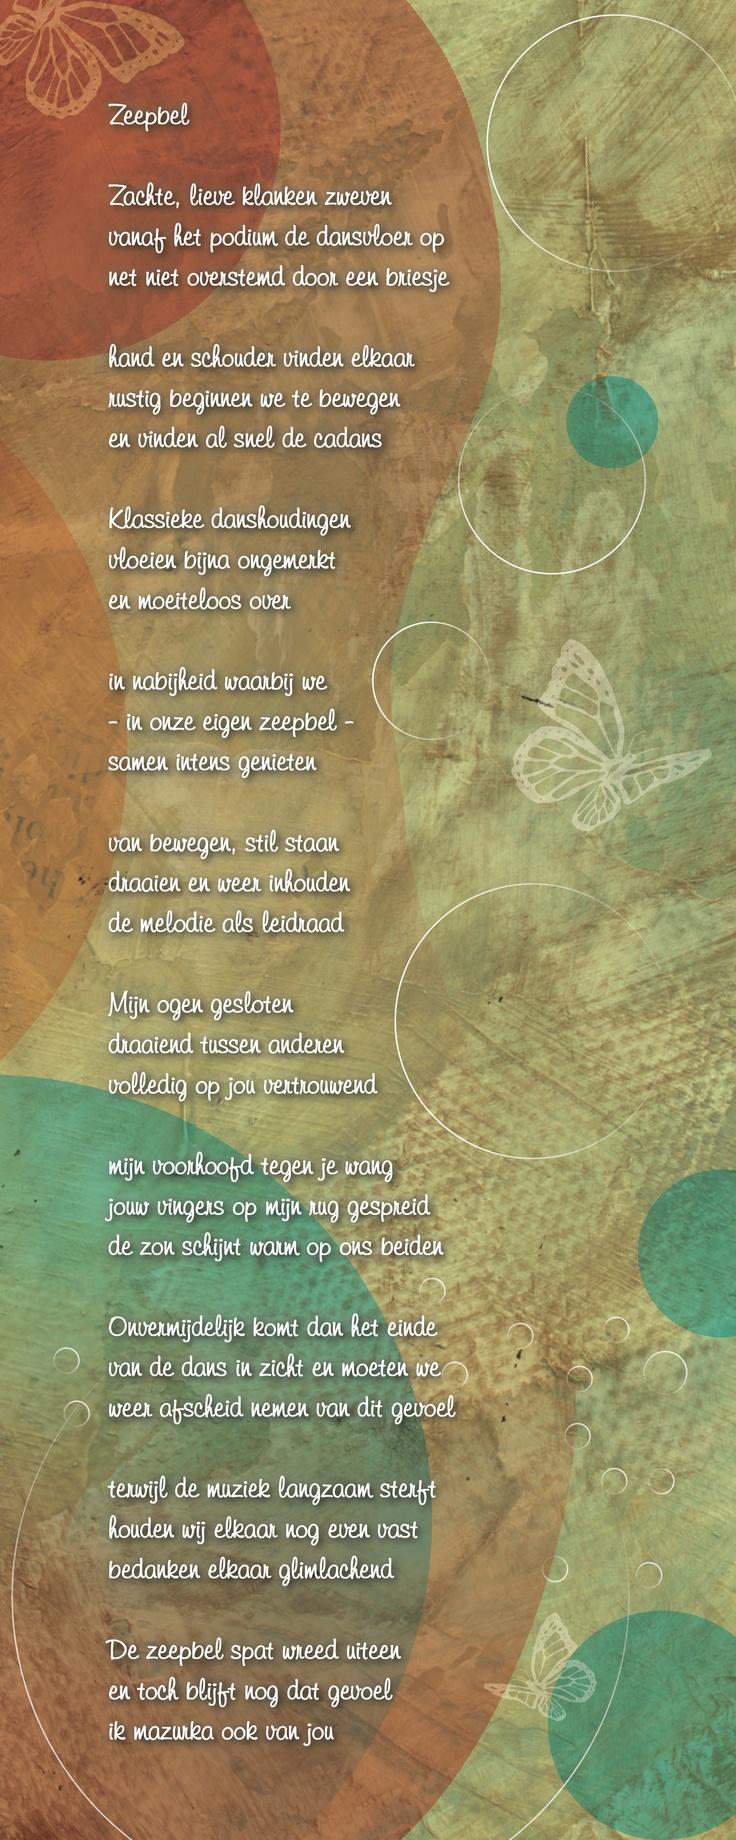 Gedicht op digitale kunst. Geschreven naar aanleiding van een prachtige dans, geplaatst op een detail van een eerder door mij gemaakt schilderij dat ik voor dit gedicht digitaal bewerkte.